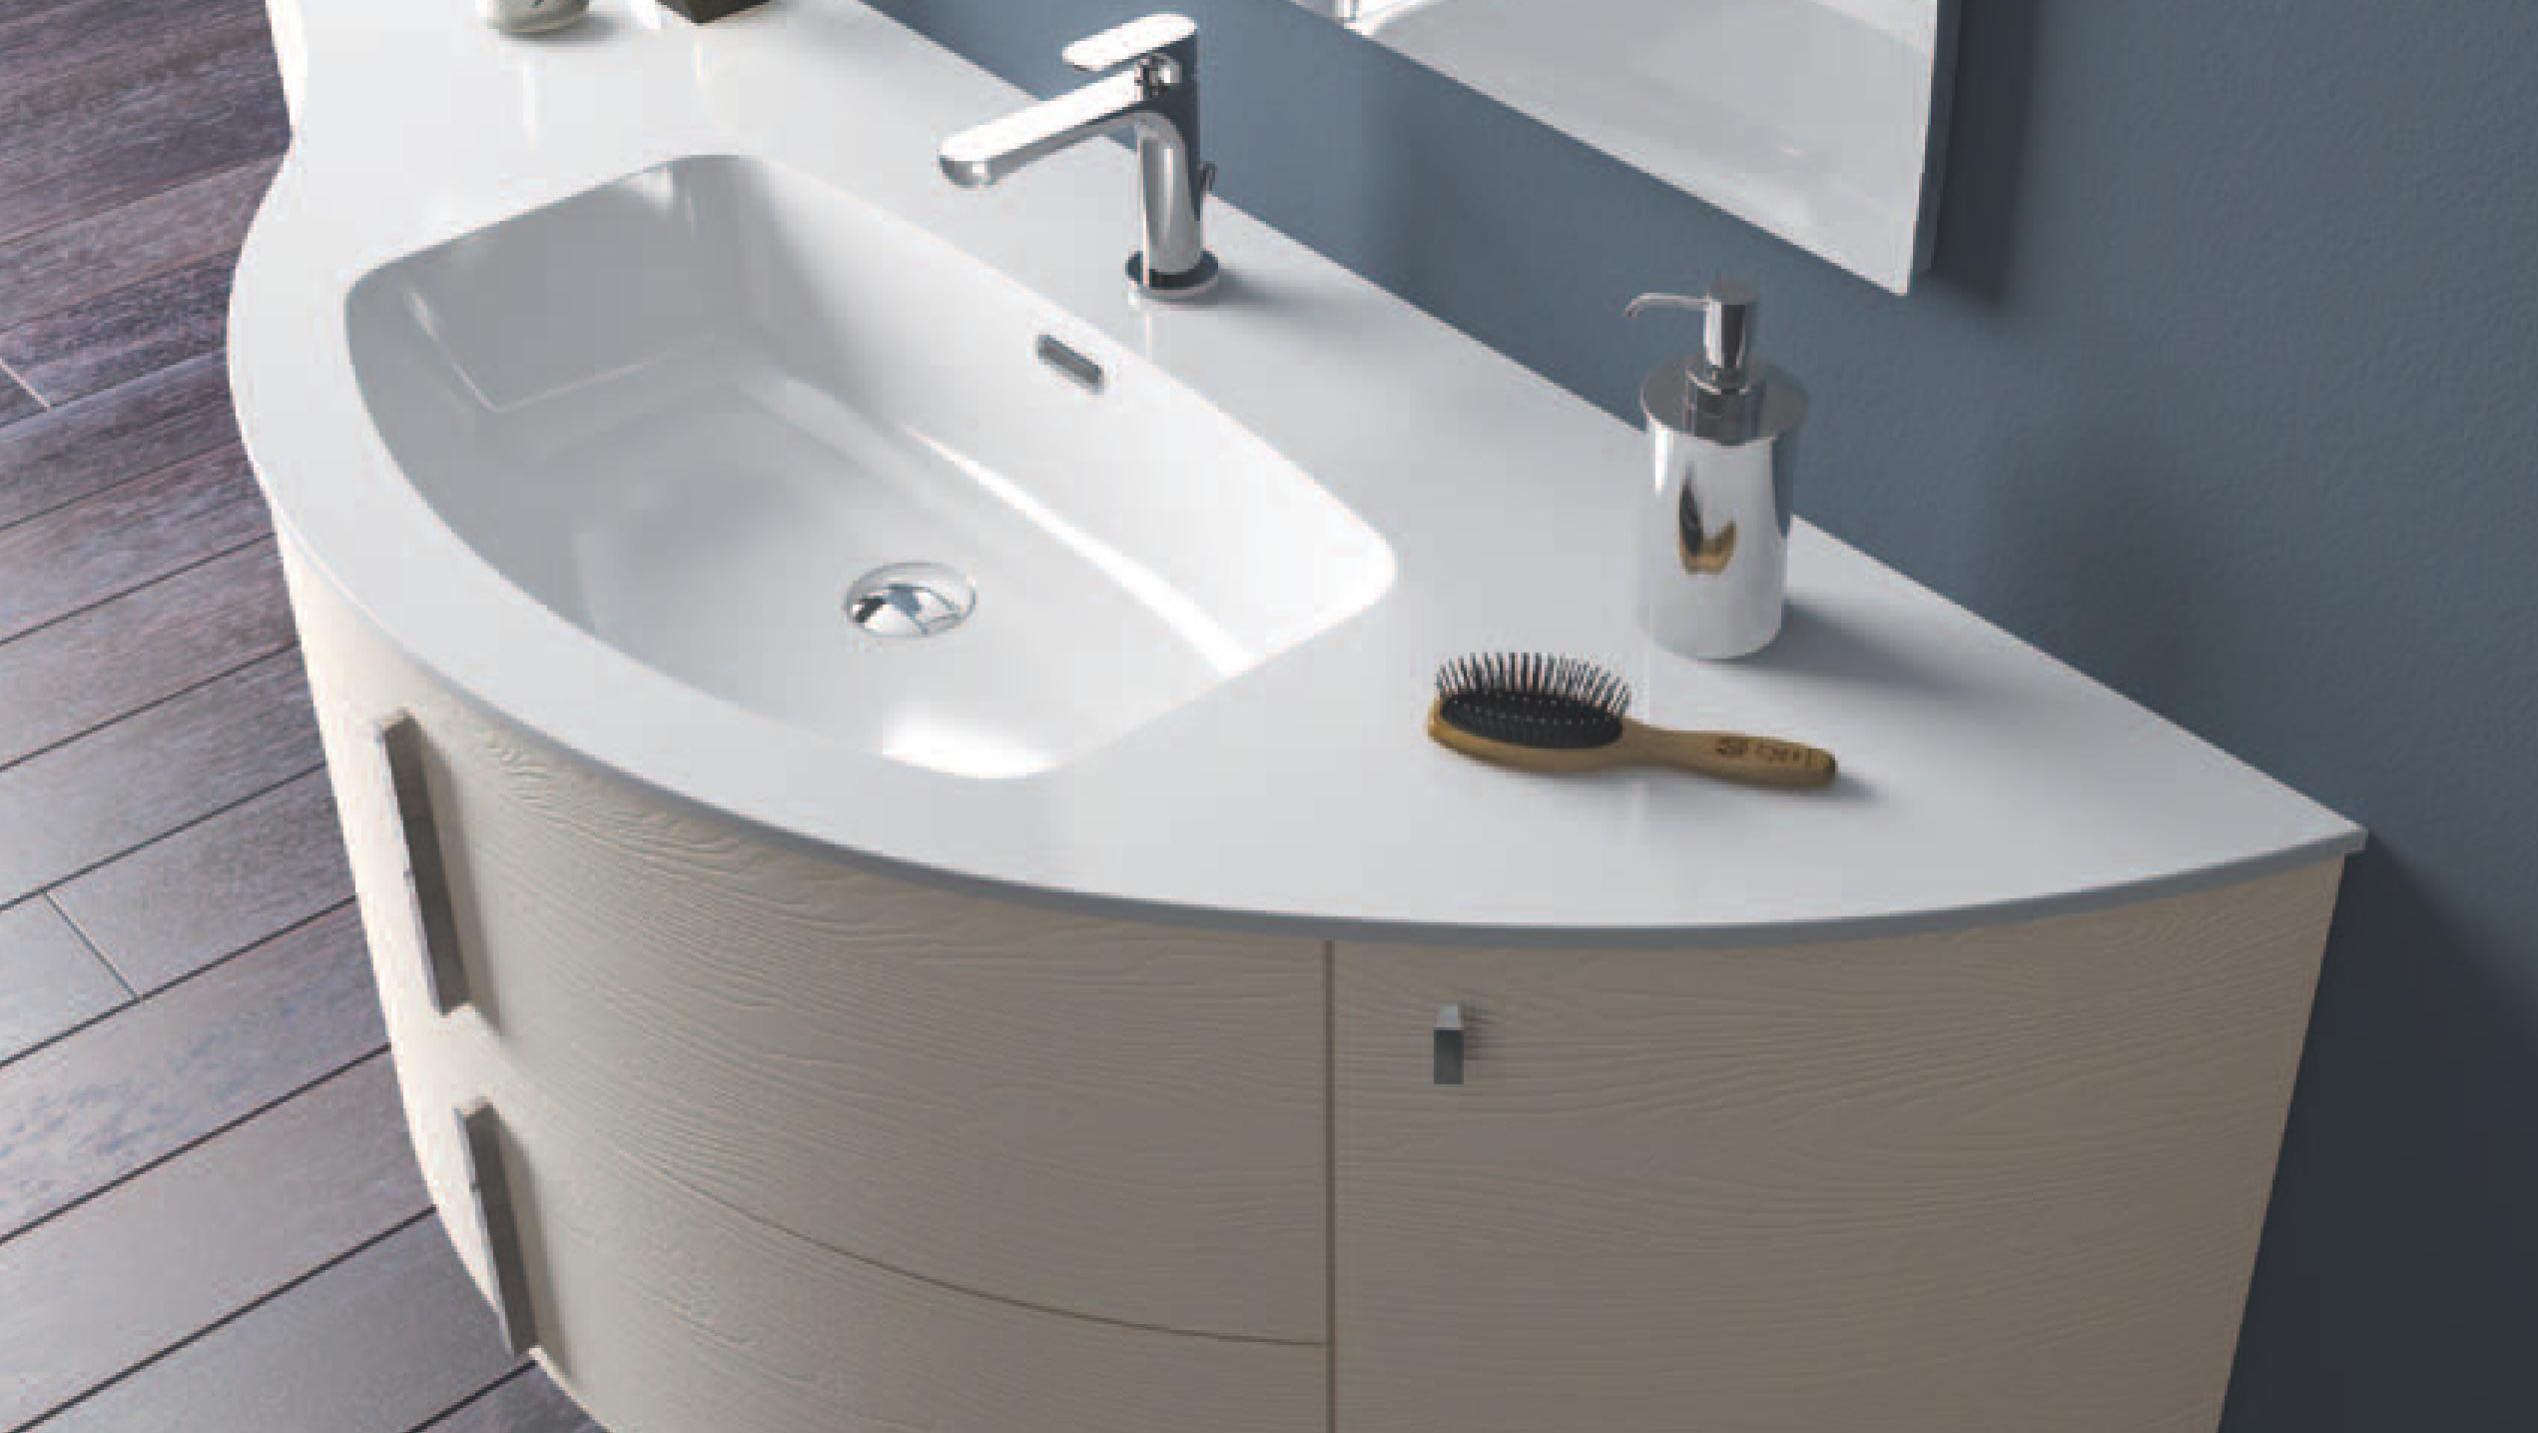 Mobili bagno azzurra lime prezzi idee di design per la casa - Bagno arredo prezzi ...